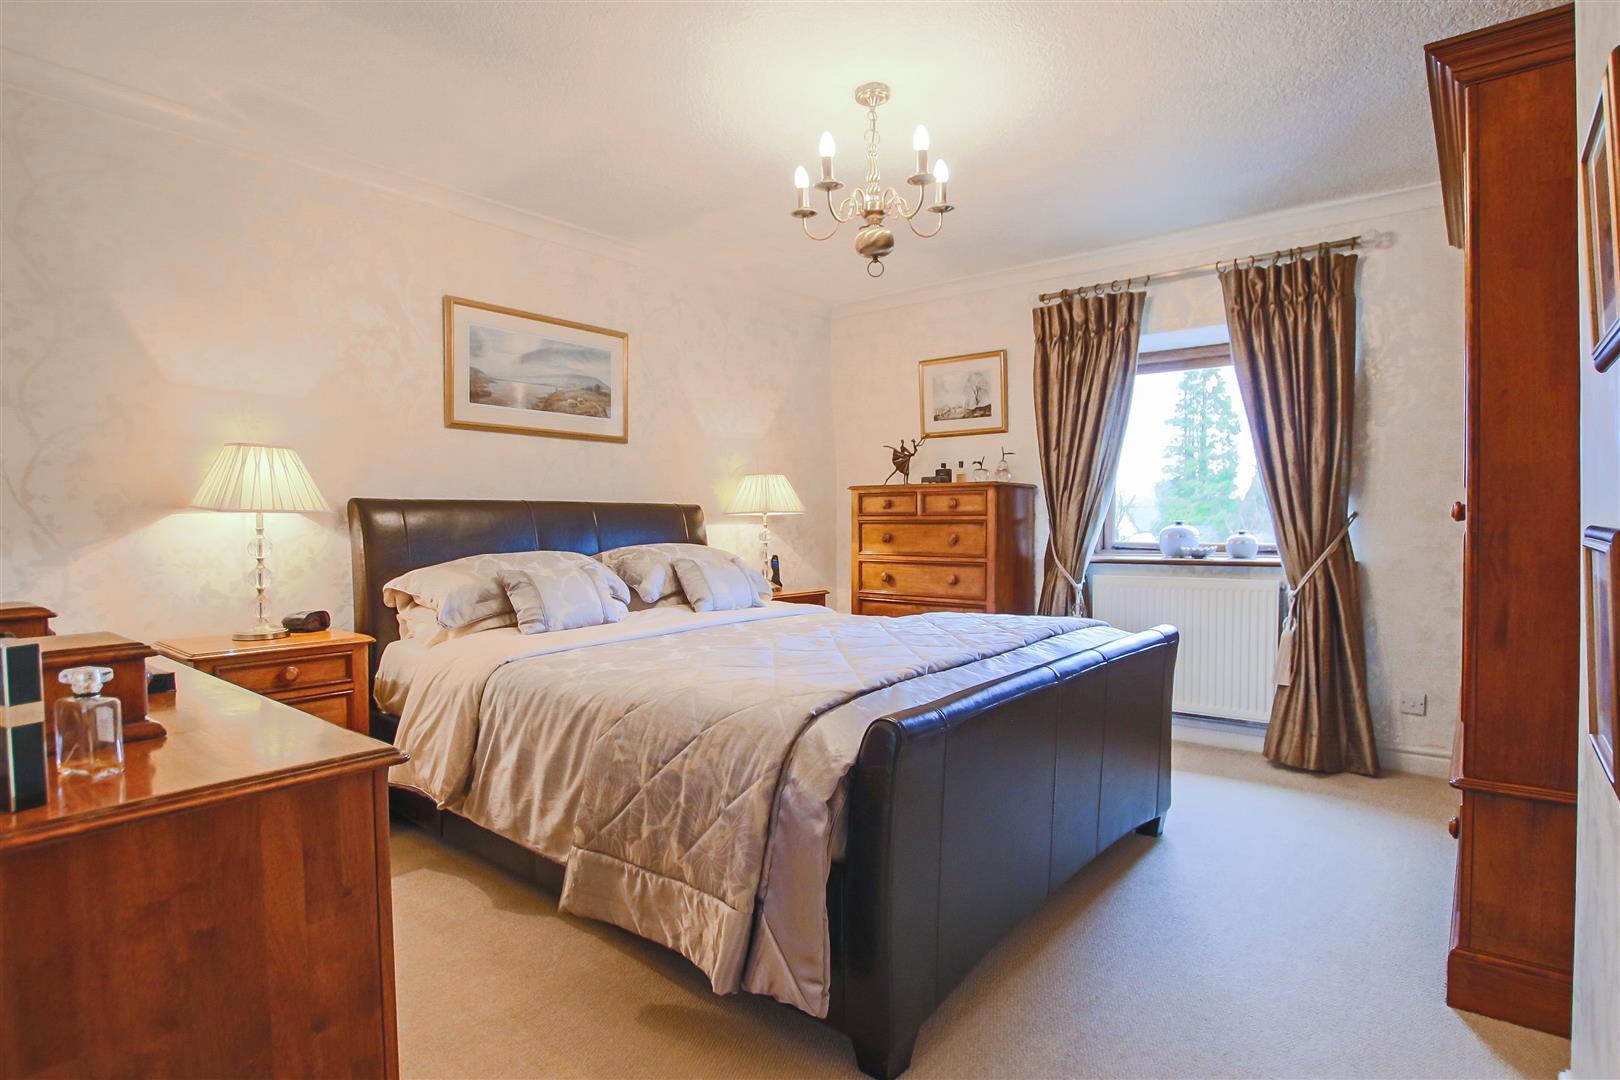 3 Bedroom Cottage For Sale - Bedroom 1